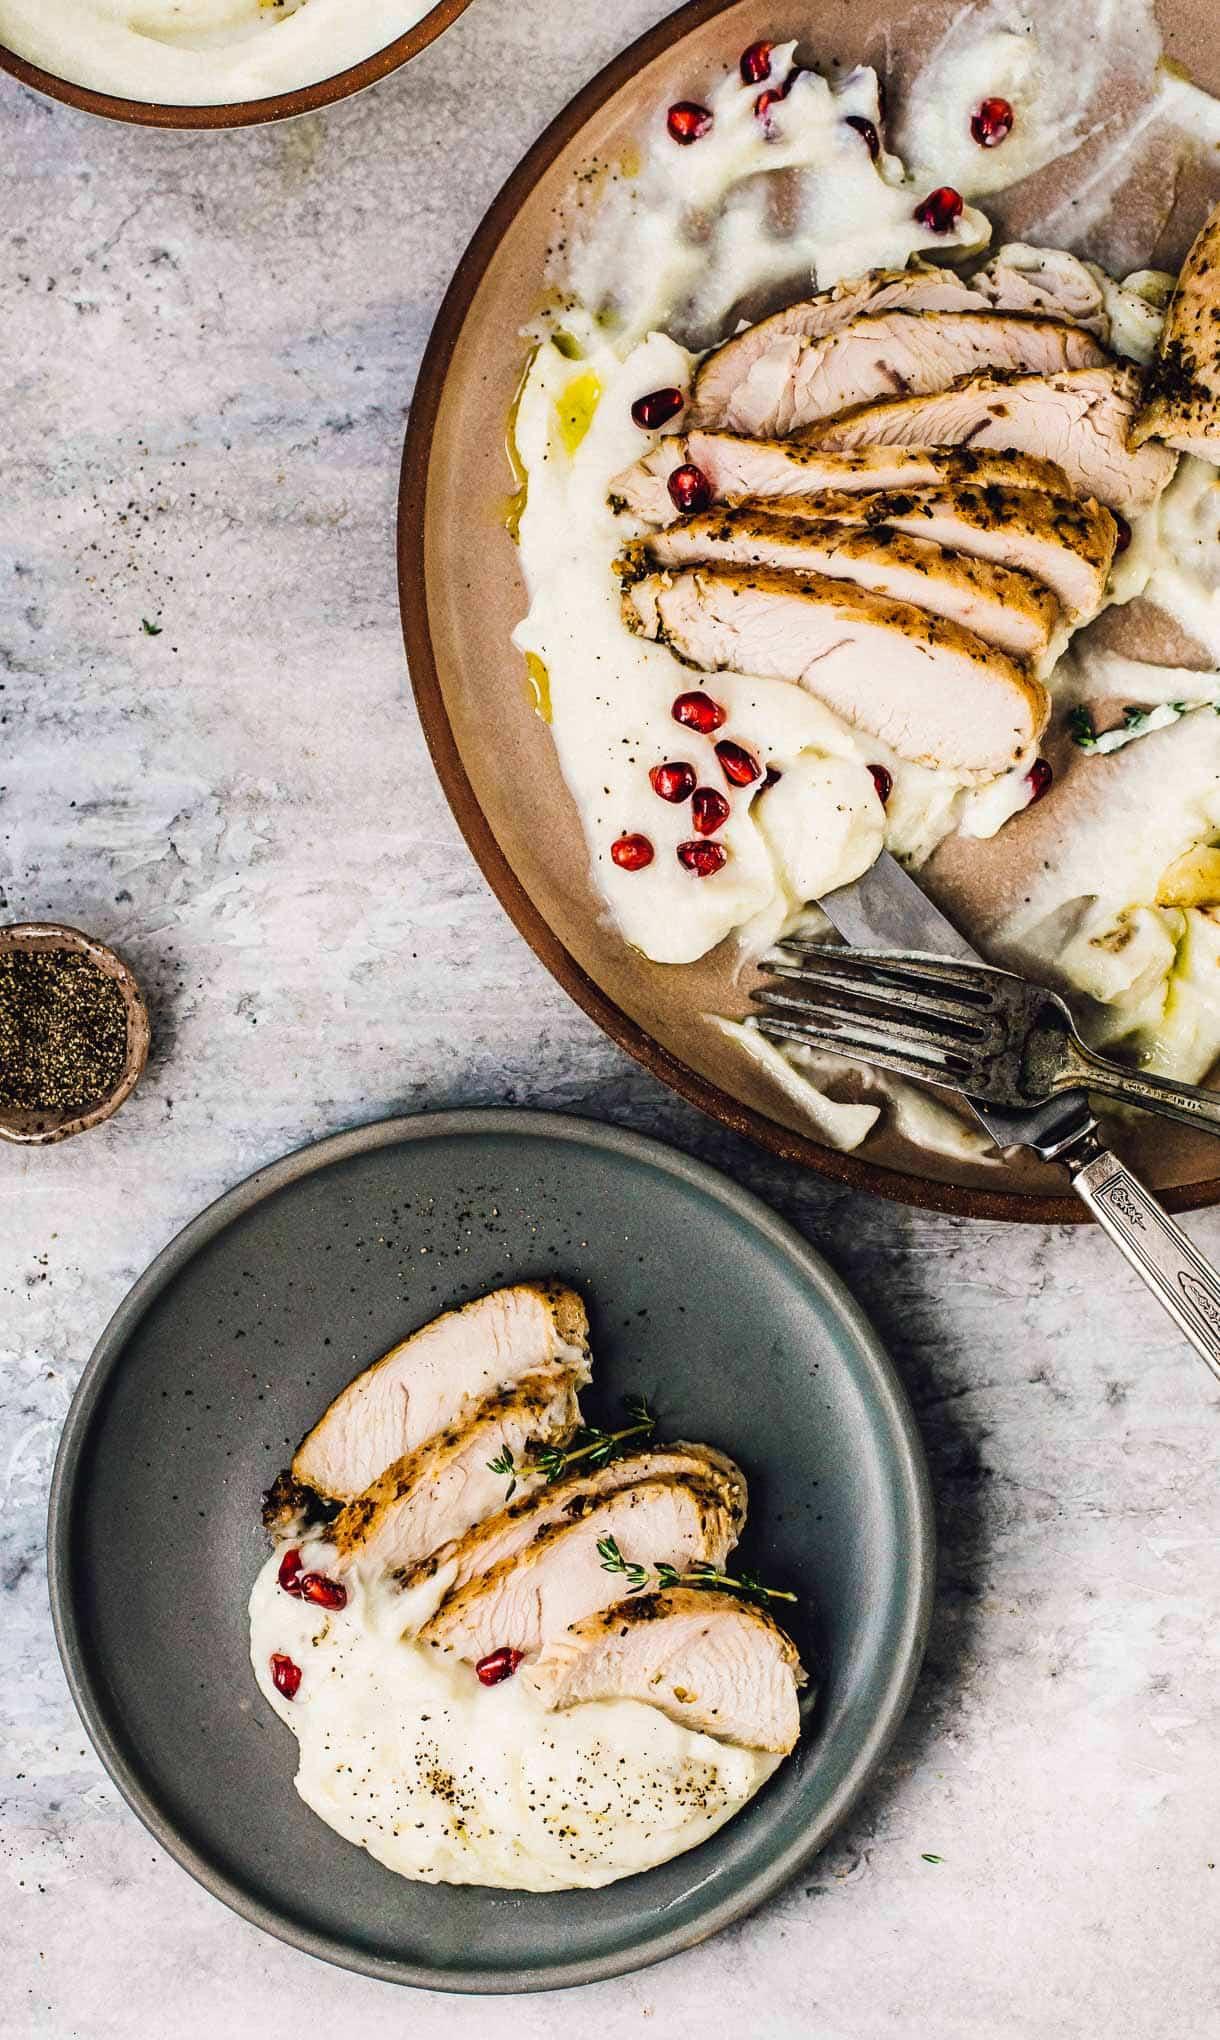 Marinated Turkey Breast Tenderloin served with garlic cauliflower puree